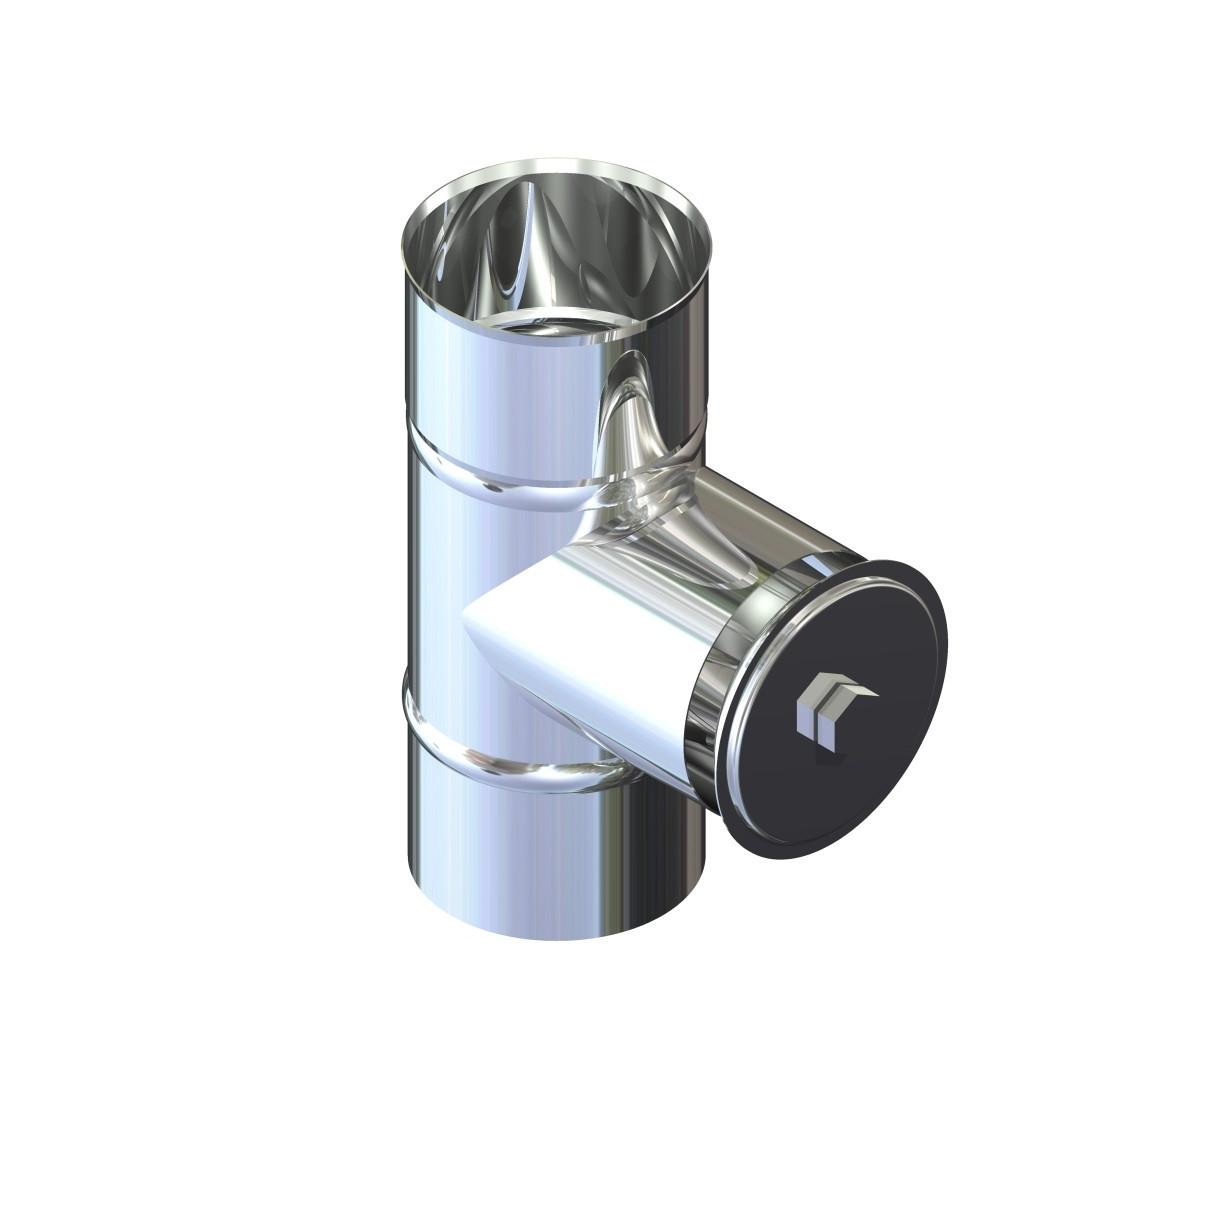 Ревизия дымоходная нержавейка D-150 мм толщина 0,8 мм